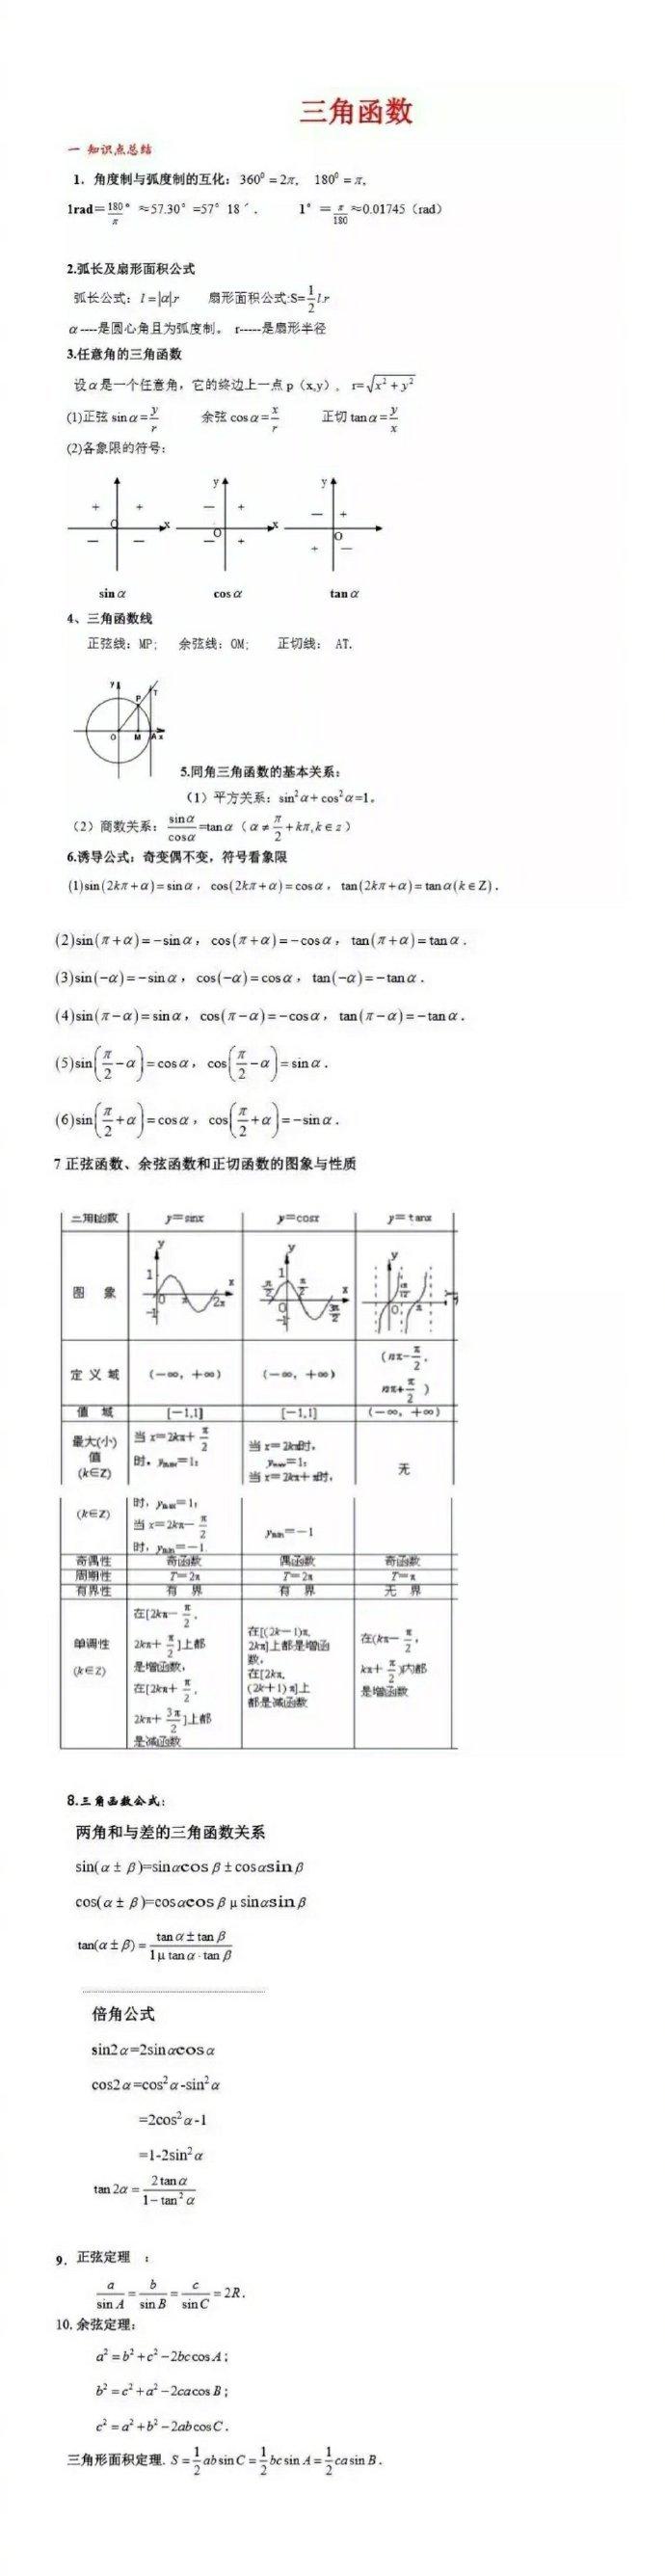 高考数学:大题常考题型总结!